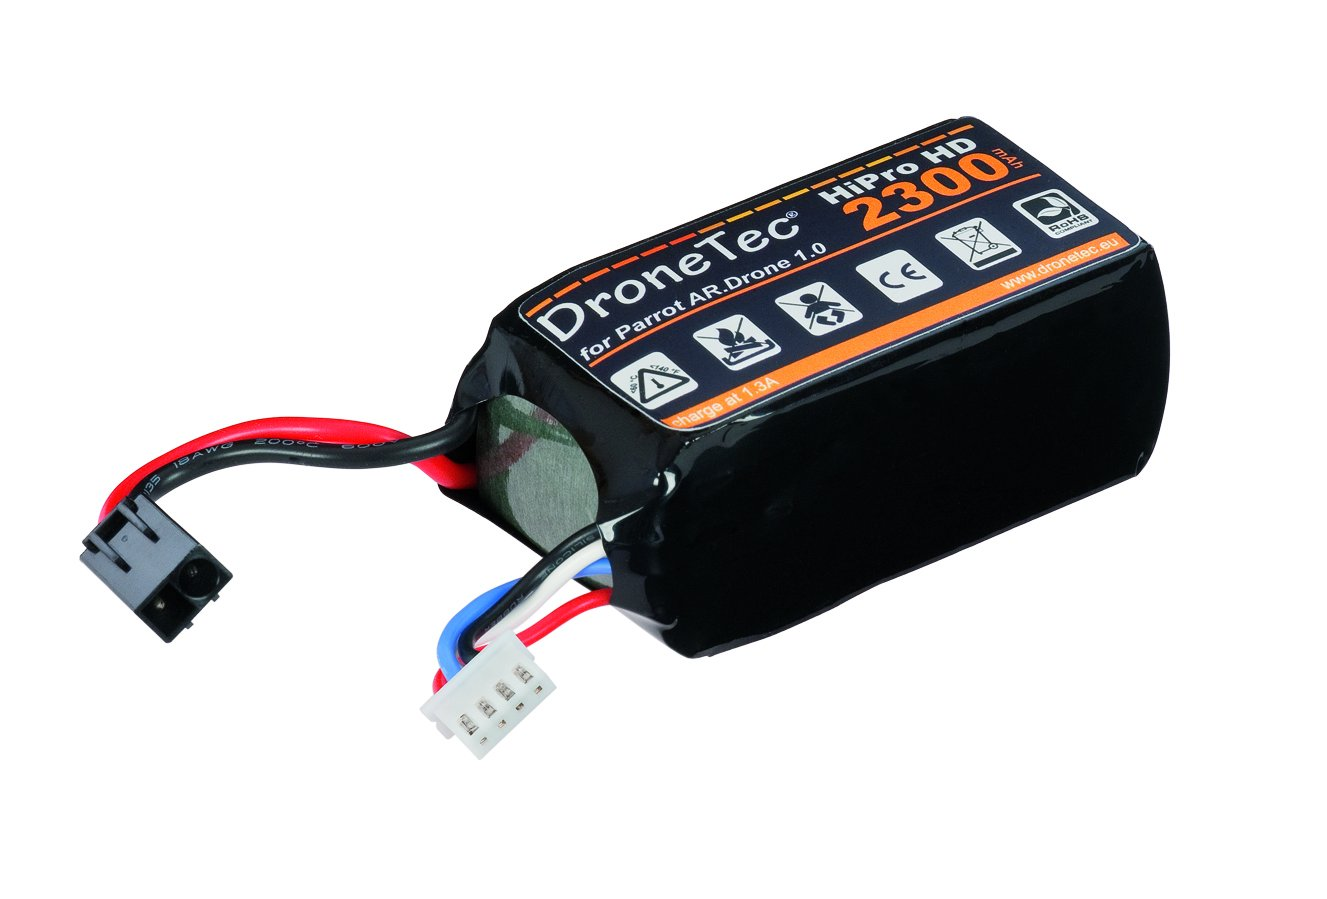 DroneTec - Batería de repuesto para Parrot AR Drone 2.0 y 1.0 ...